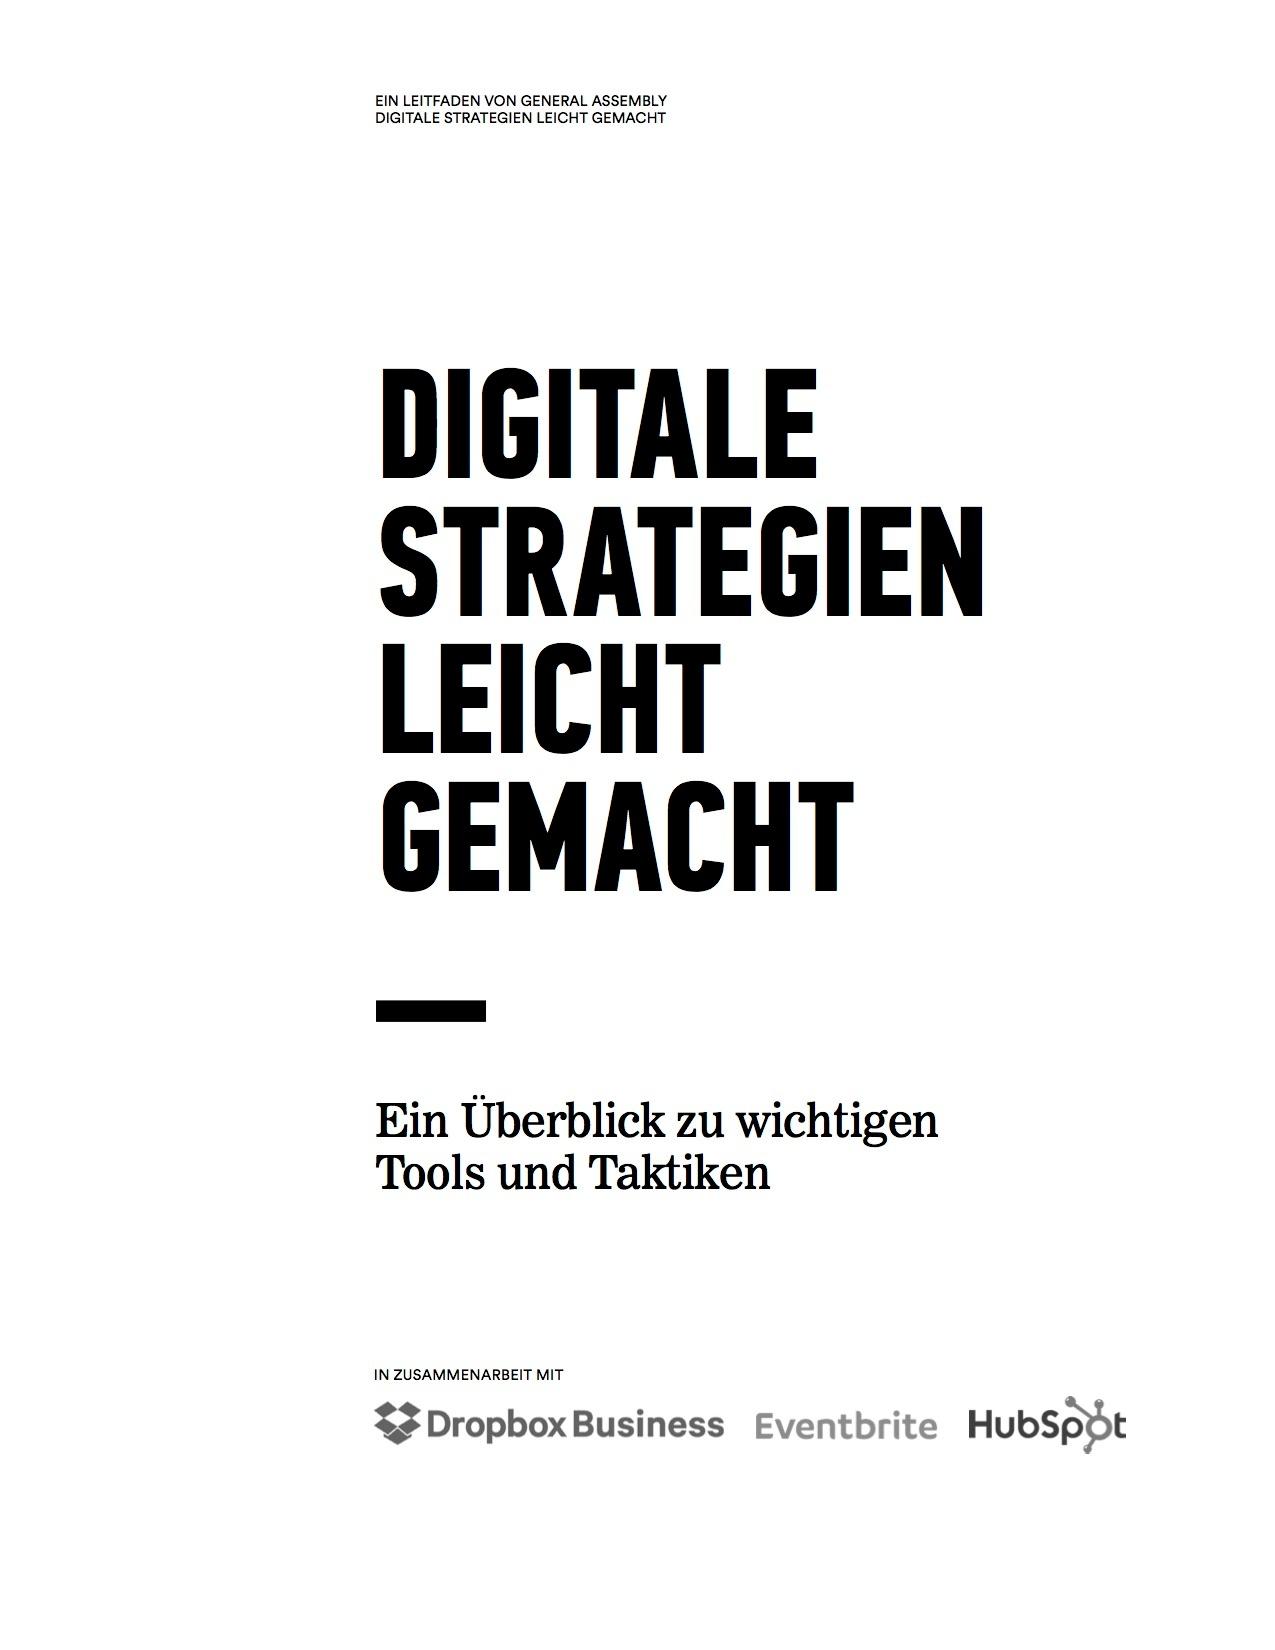 Digitale Strategien leicht gemacht – Vorschaubild 1